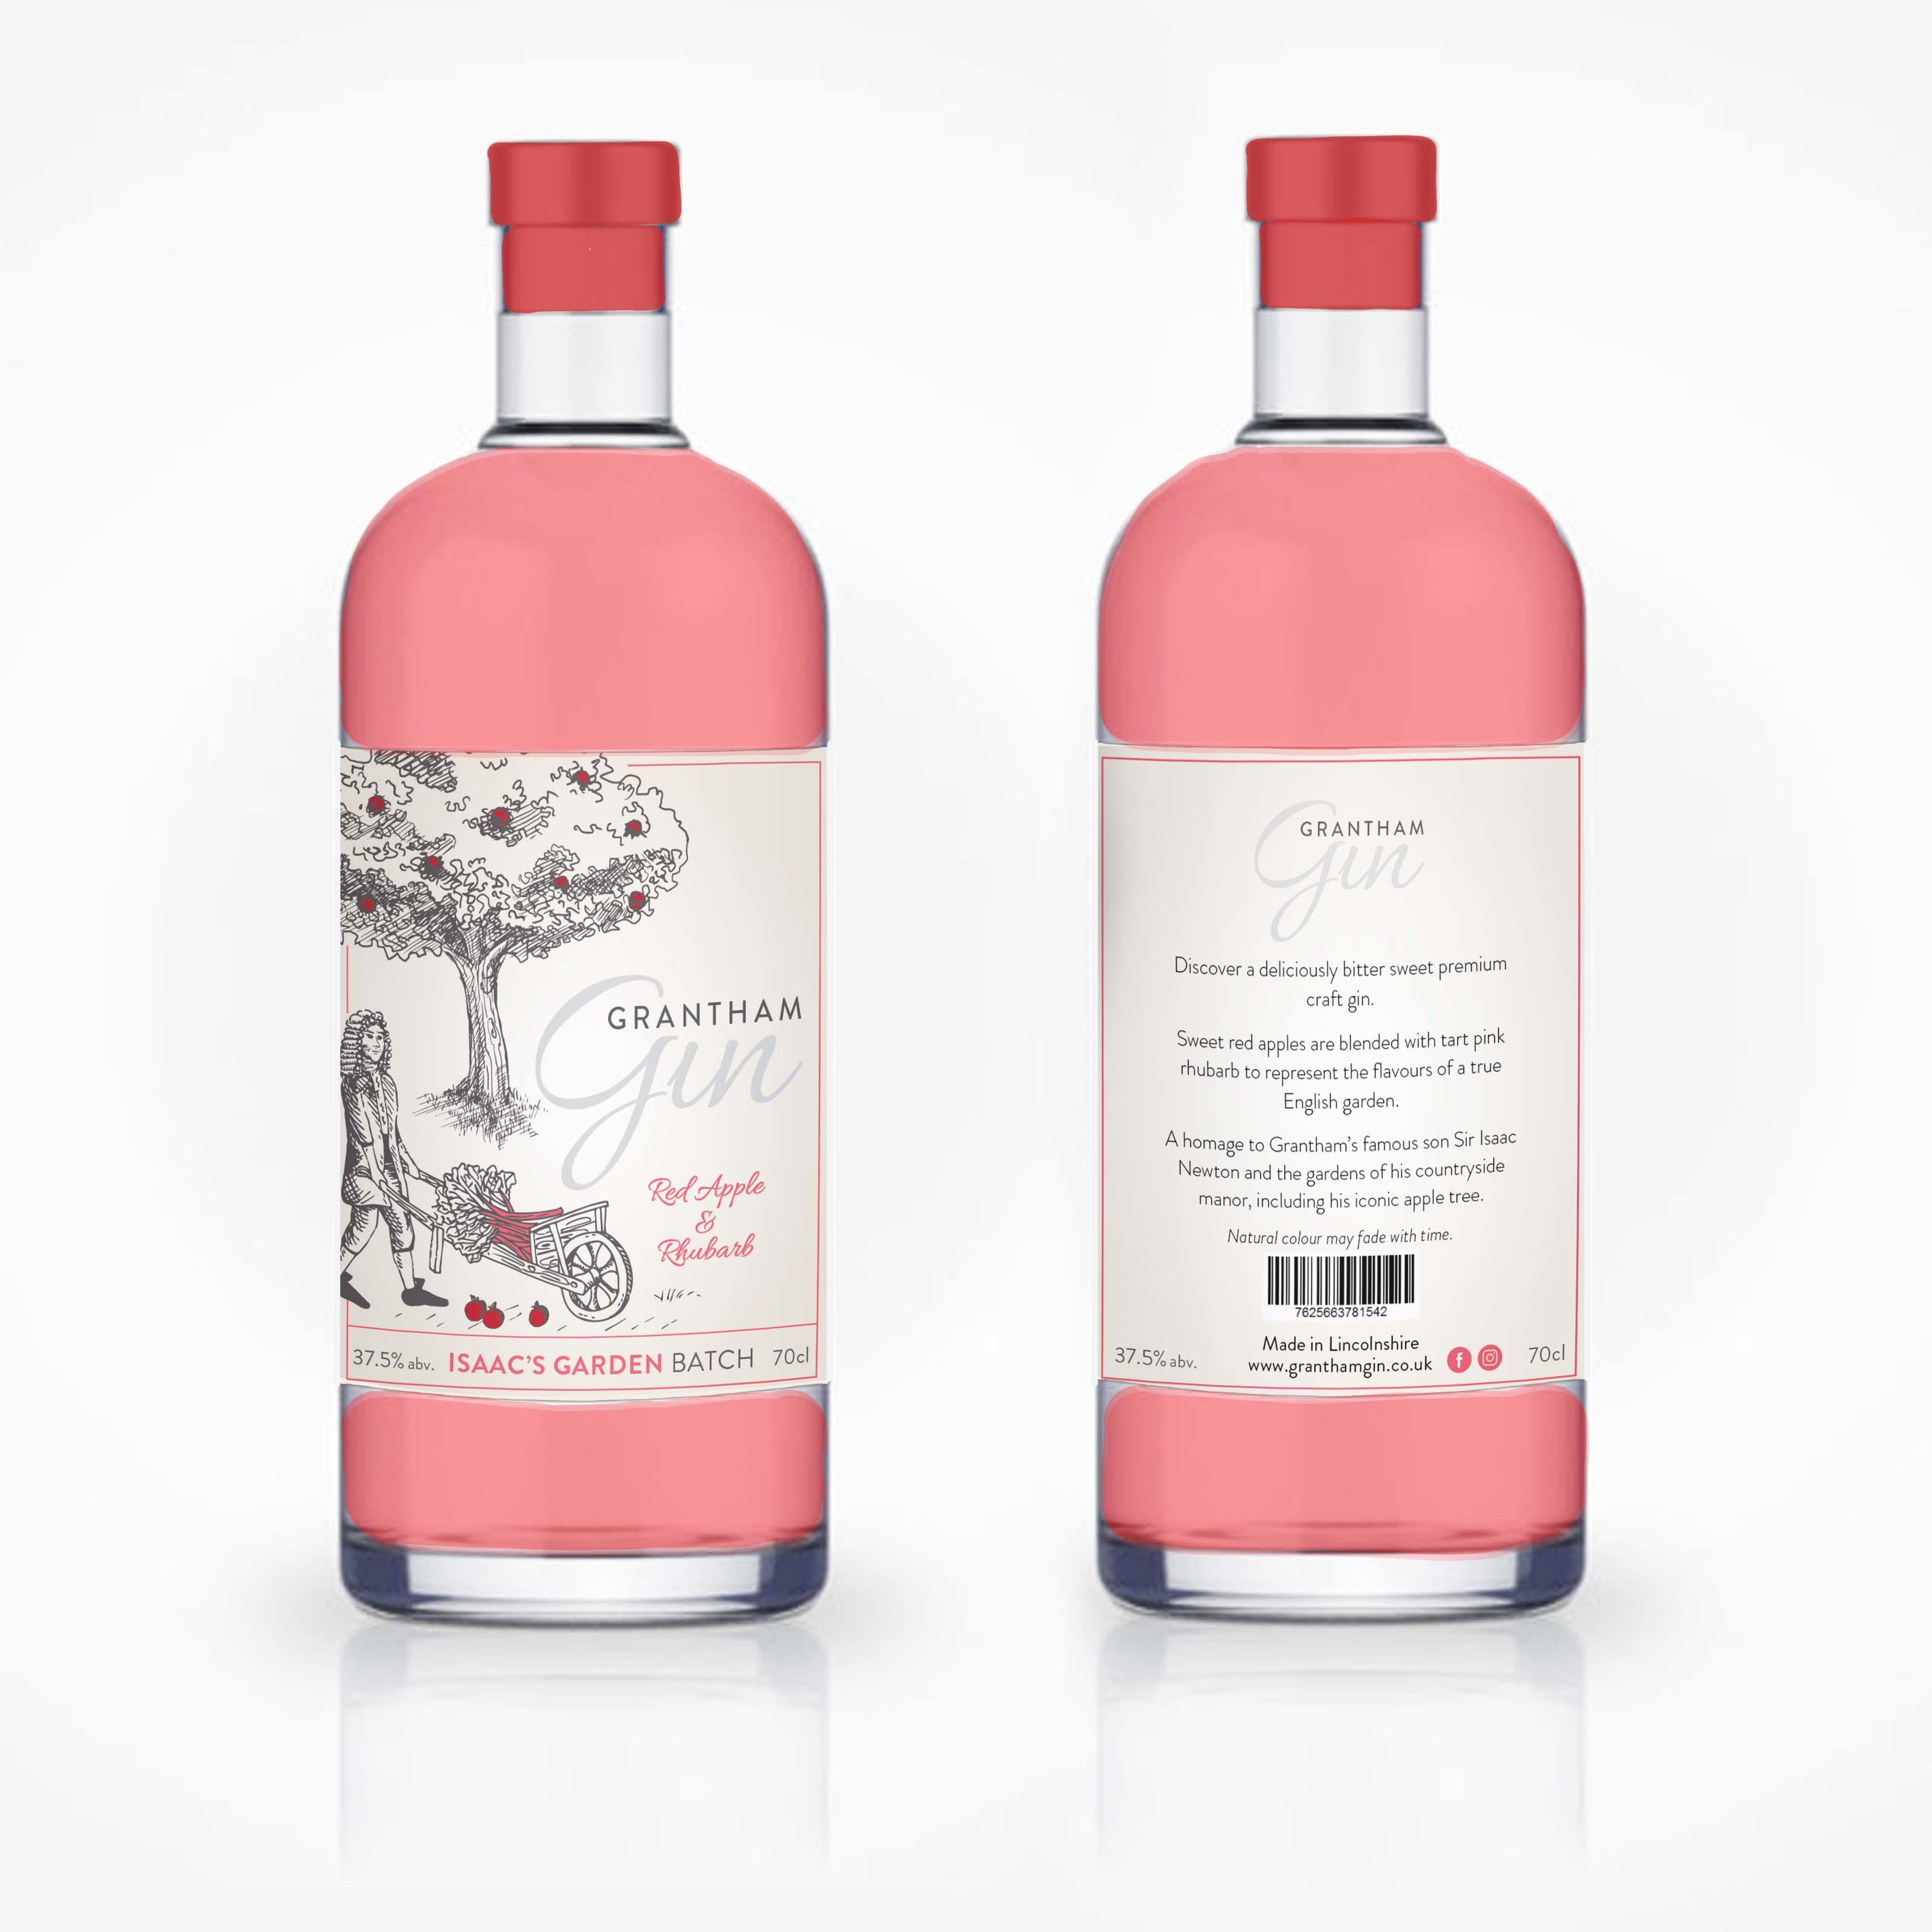 Isaac's Garden Grantham Gin label